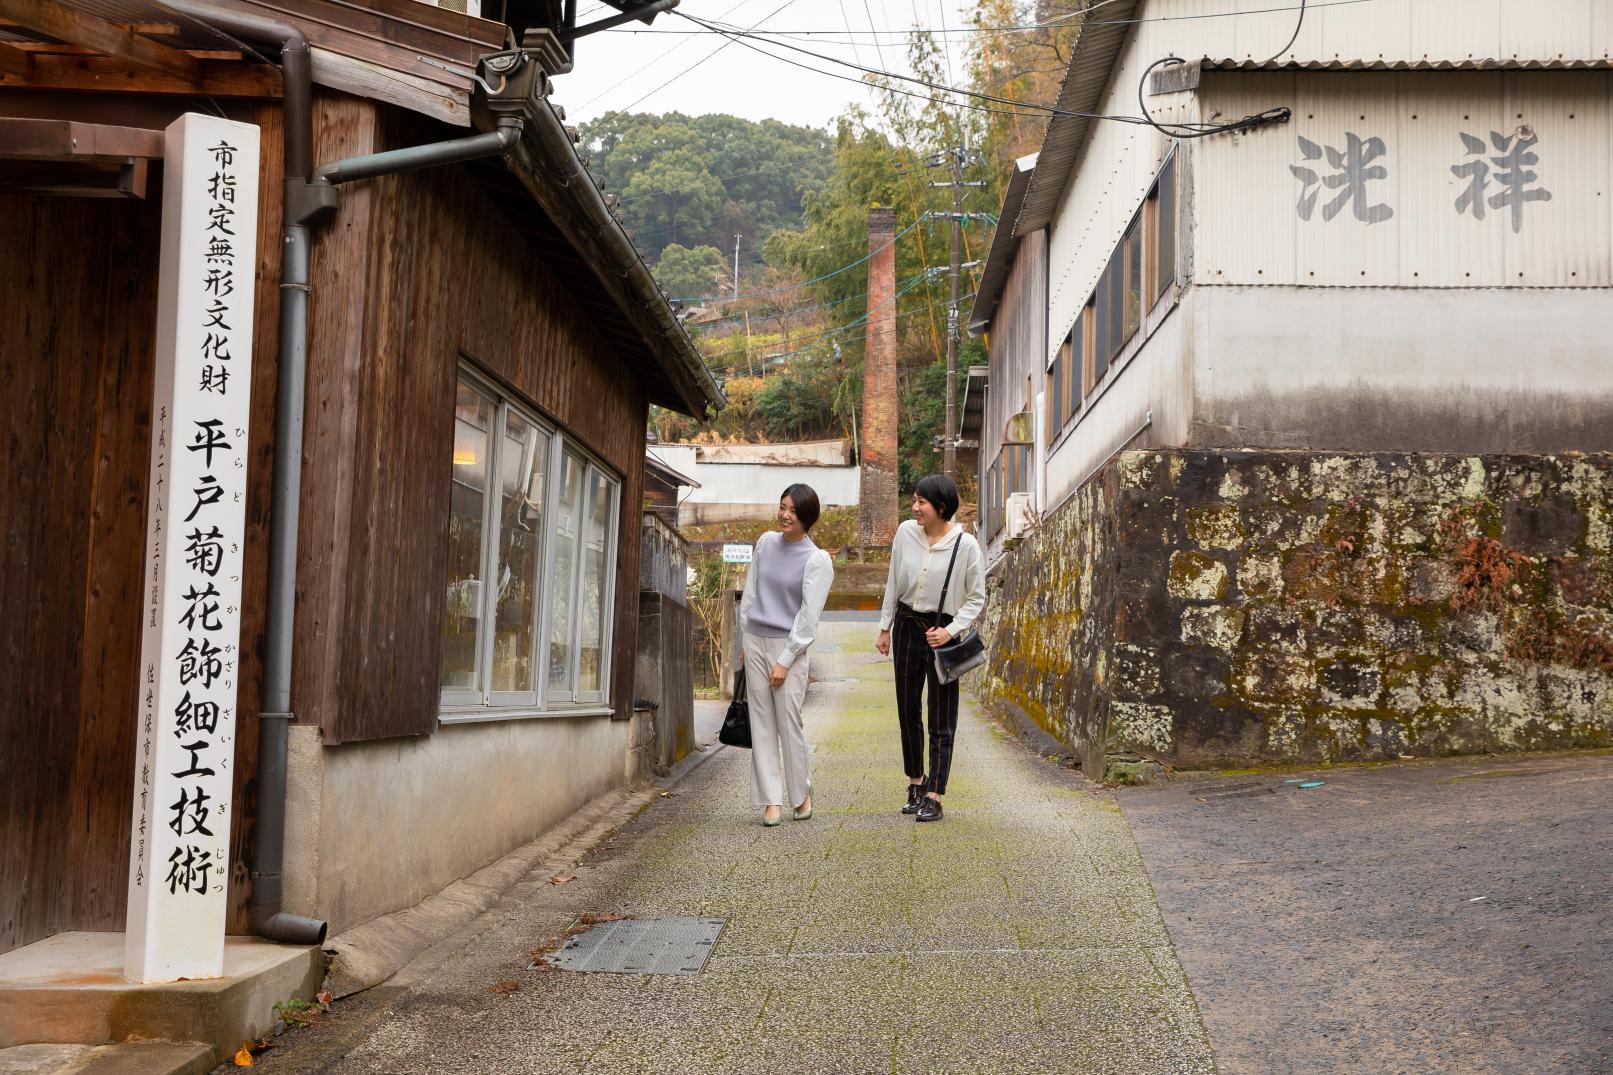 やきもののまち 三川内散歩-1